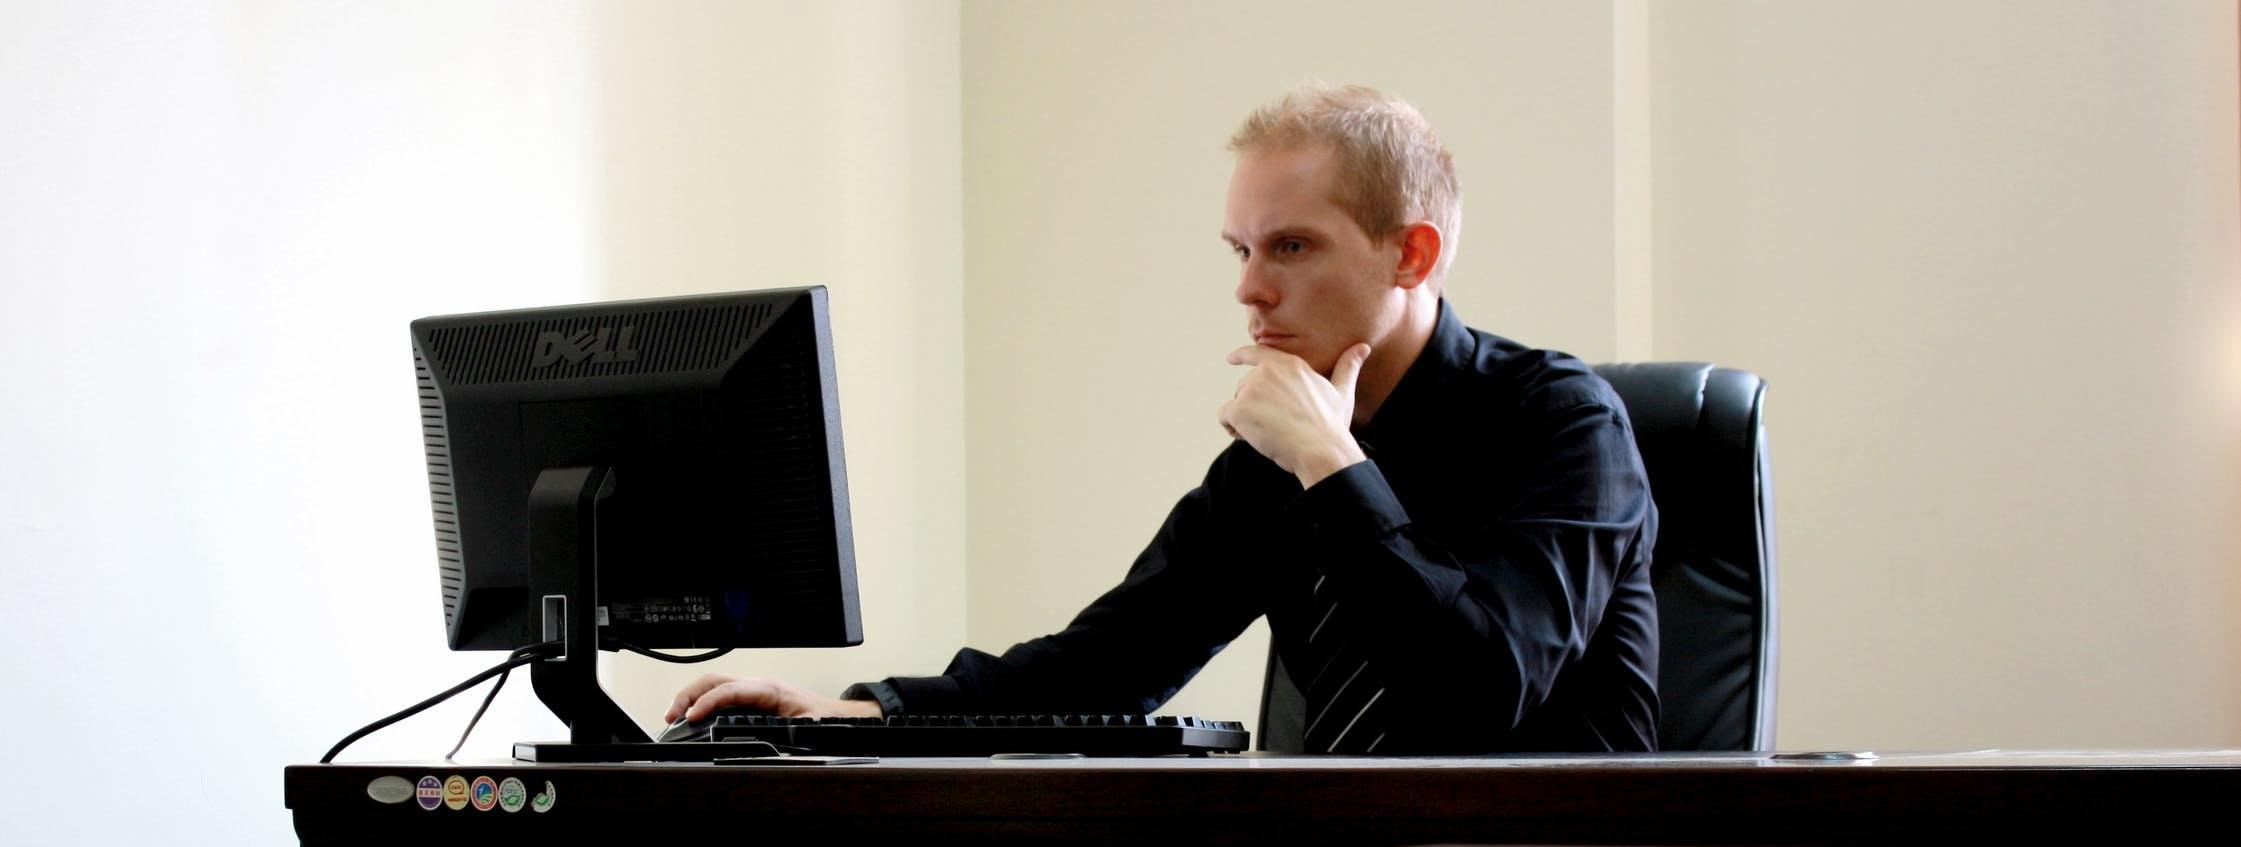 Desktop Computer 2.0.jpeg